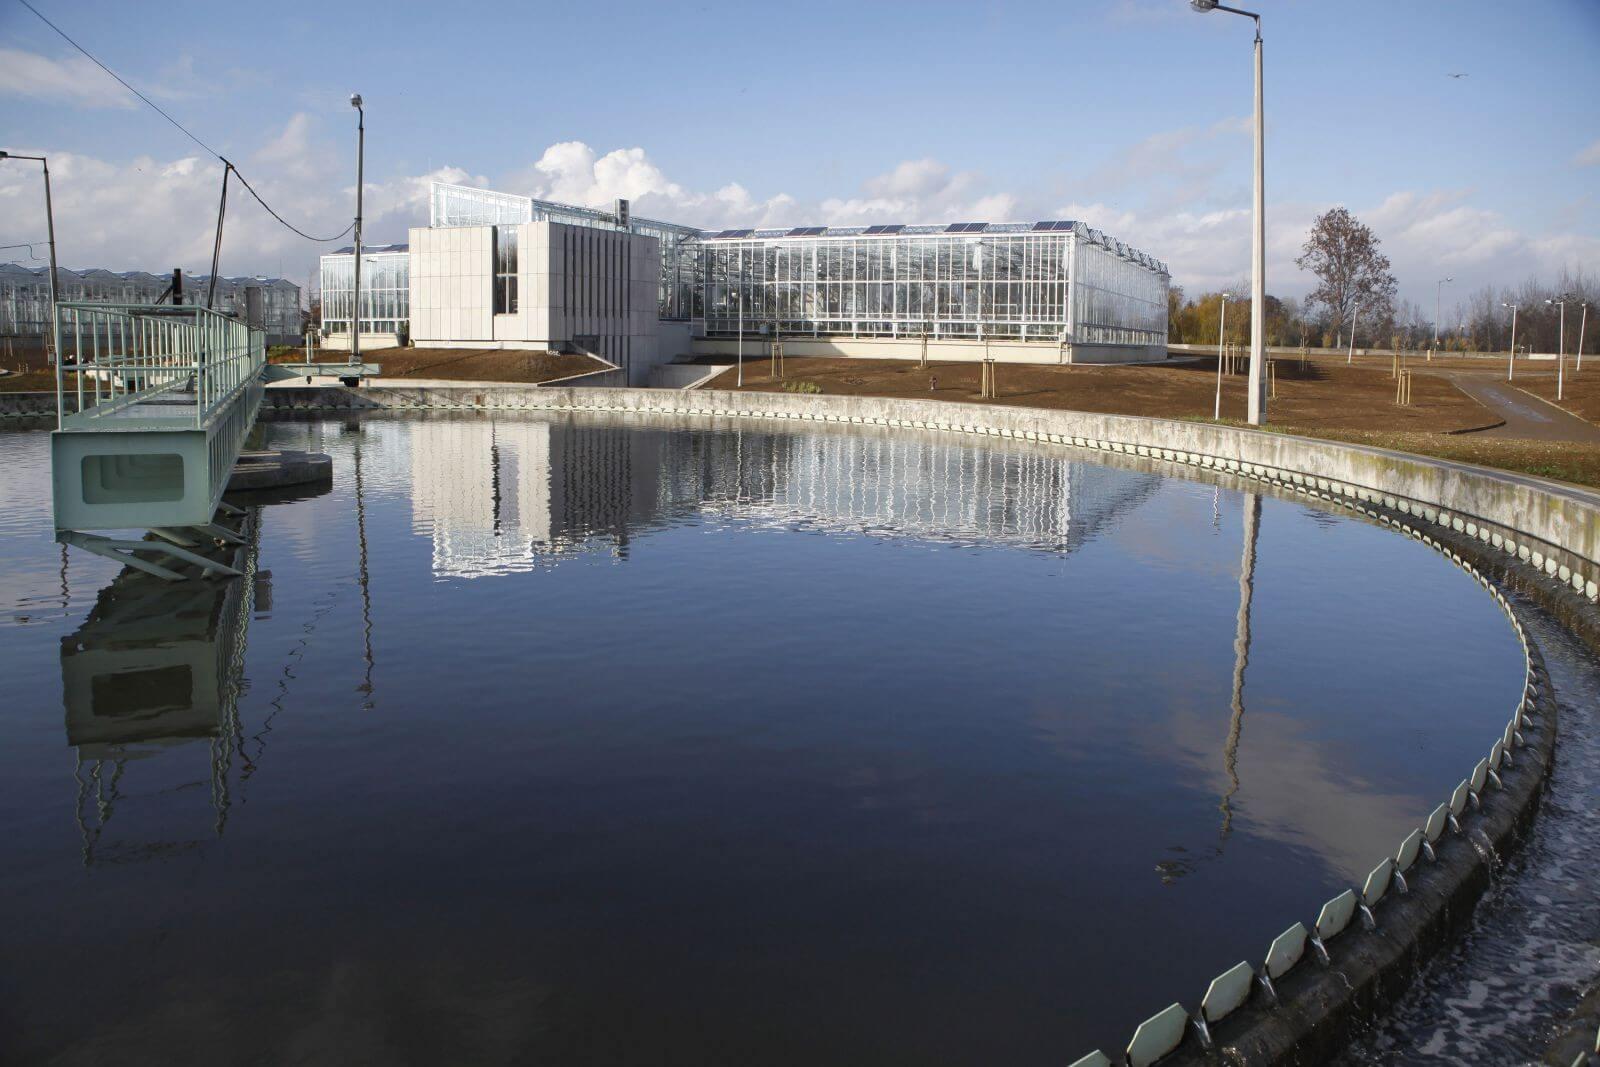 A Strabag korszerűsíti a szennyvízkezelést Pécs környékén